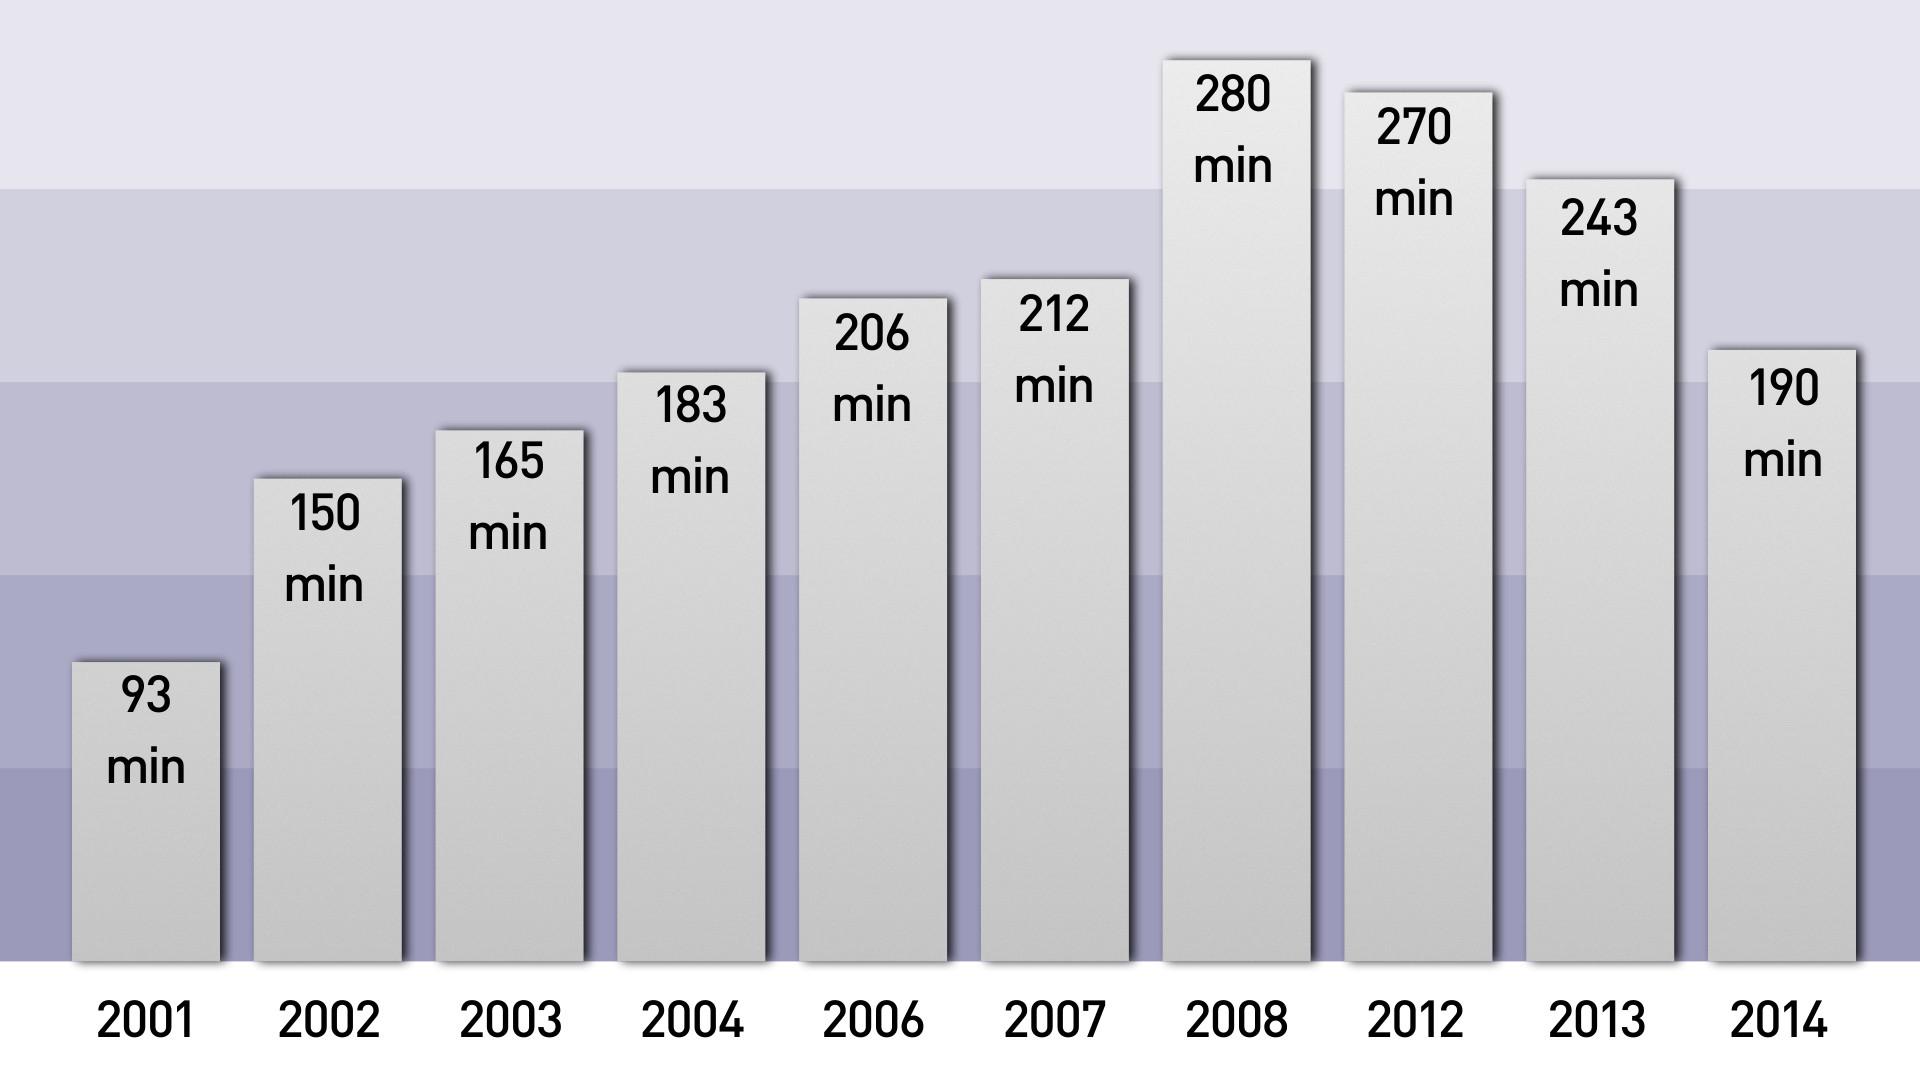 La durée des conférences de presse